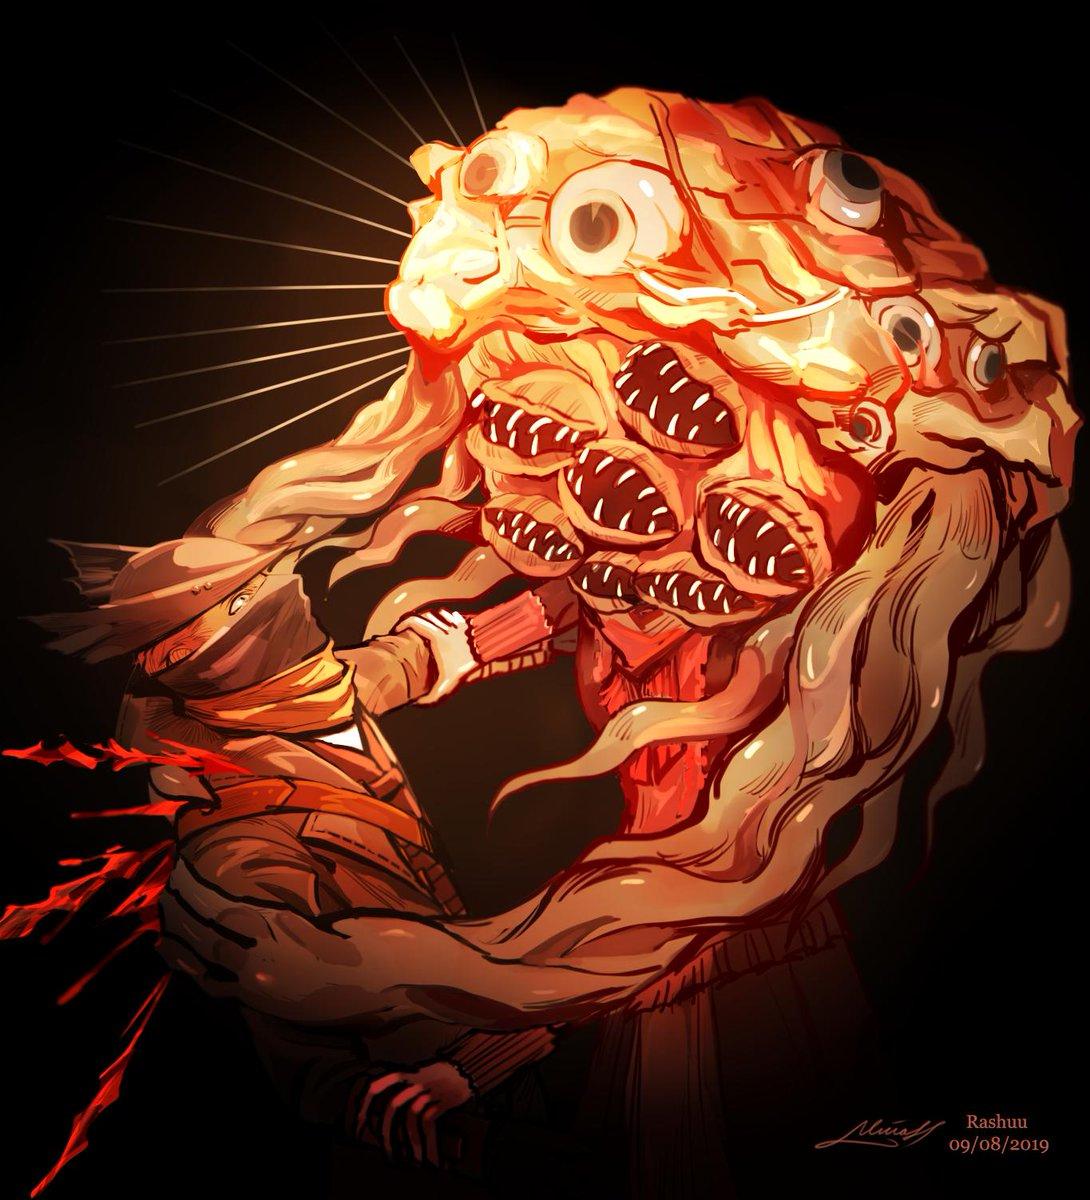 Mlem W On Twitter Winter Lantern Bloodborne